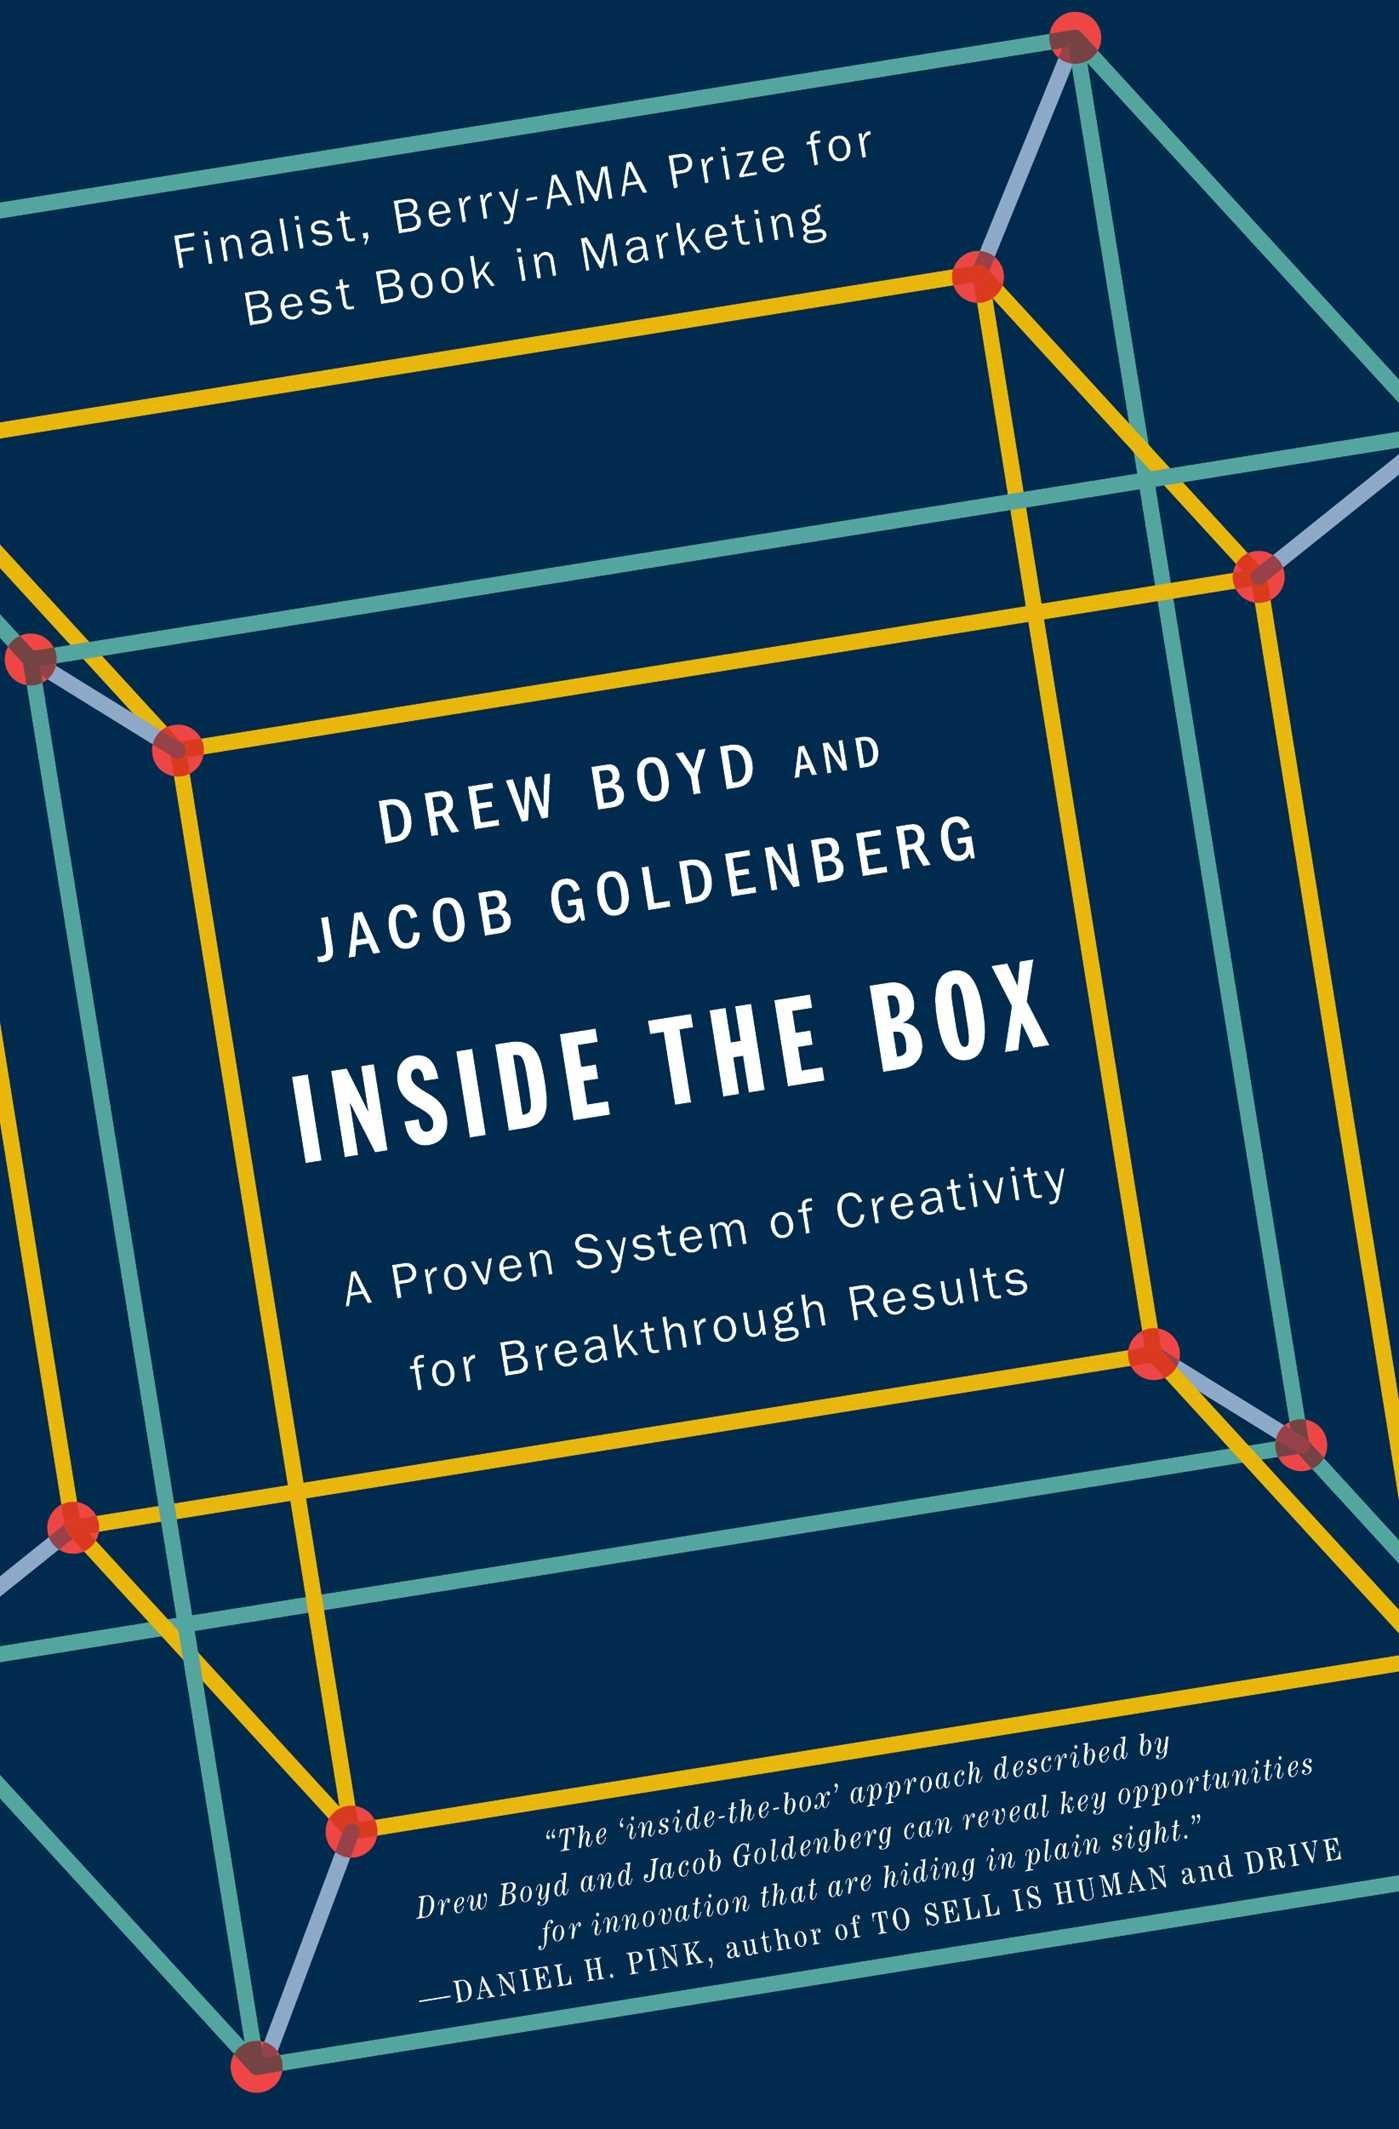 InsidetheBoxbookcover.jpg